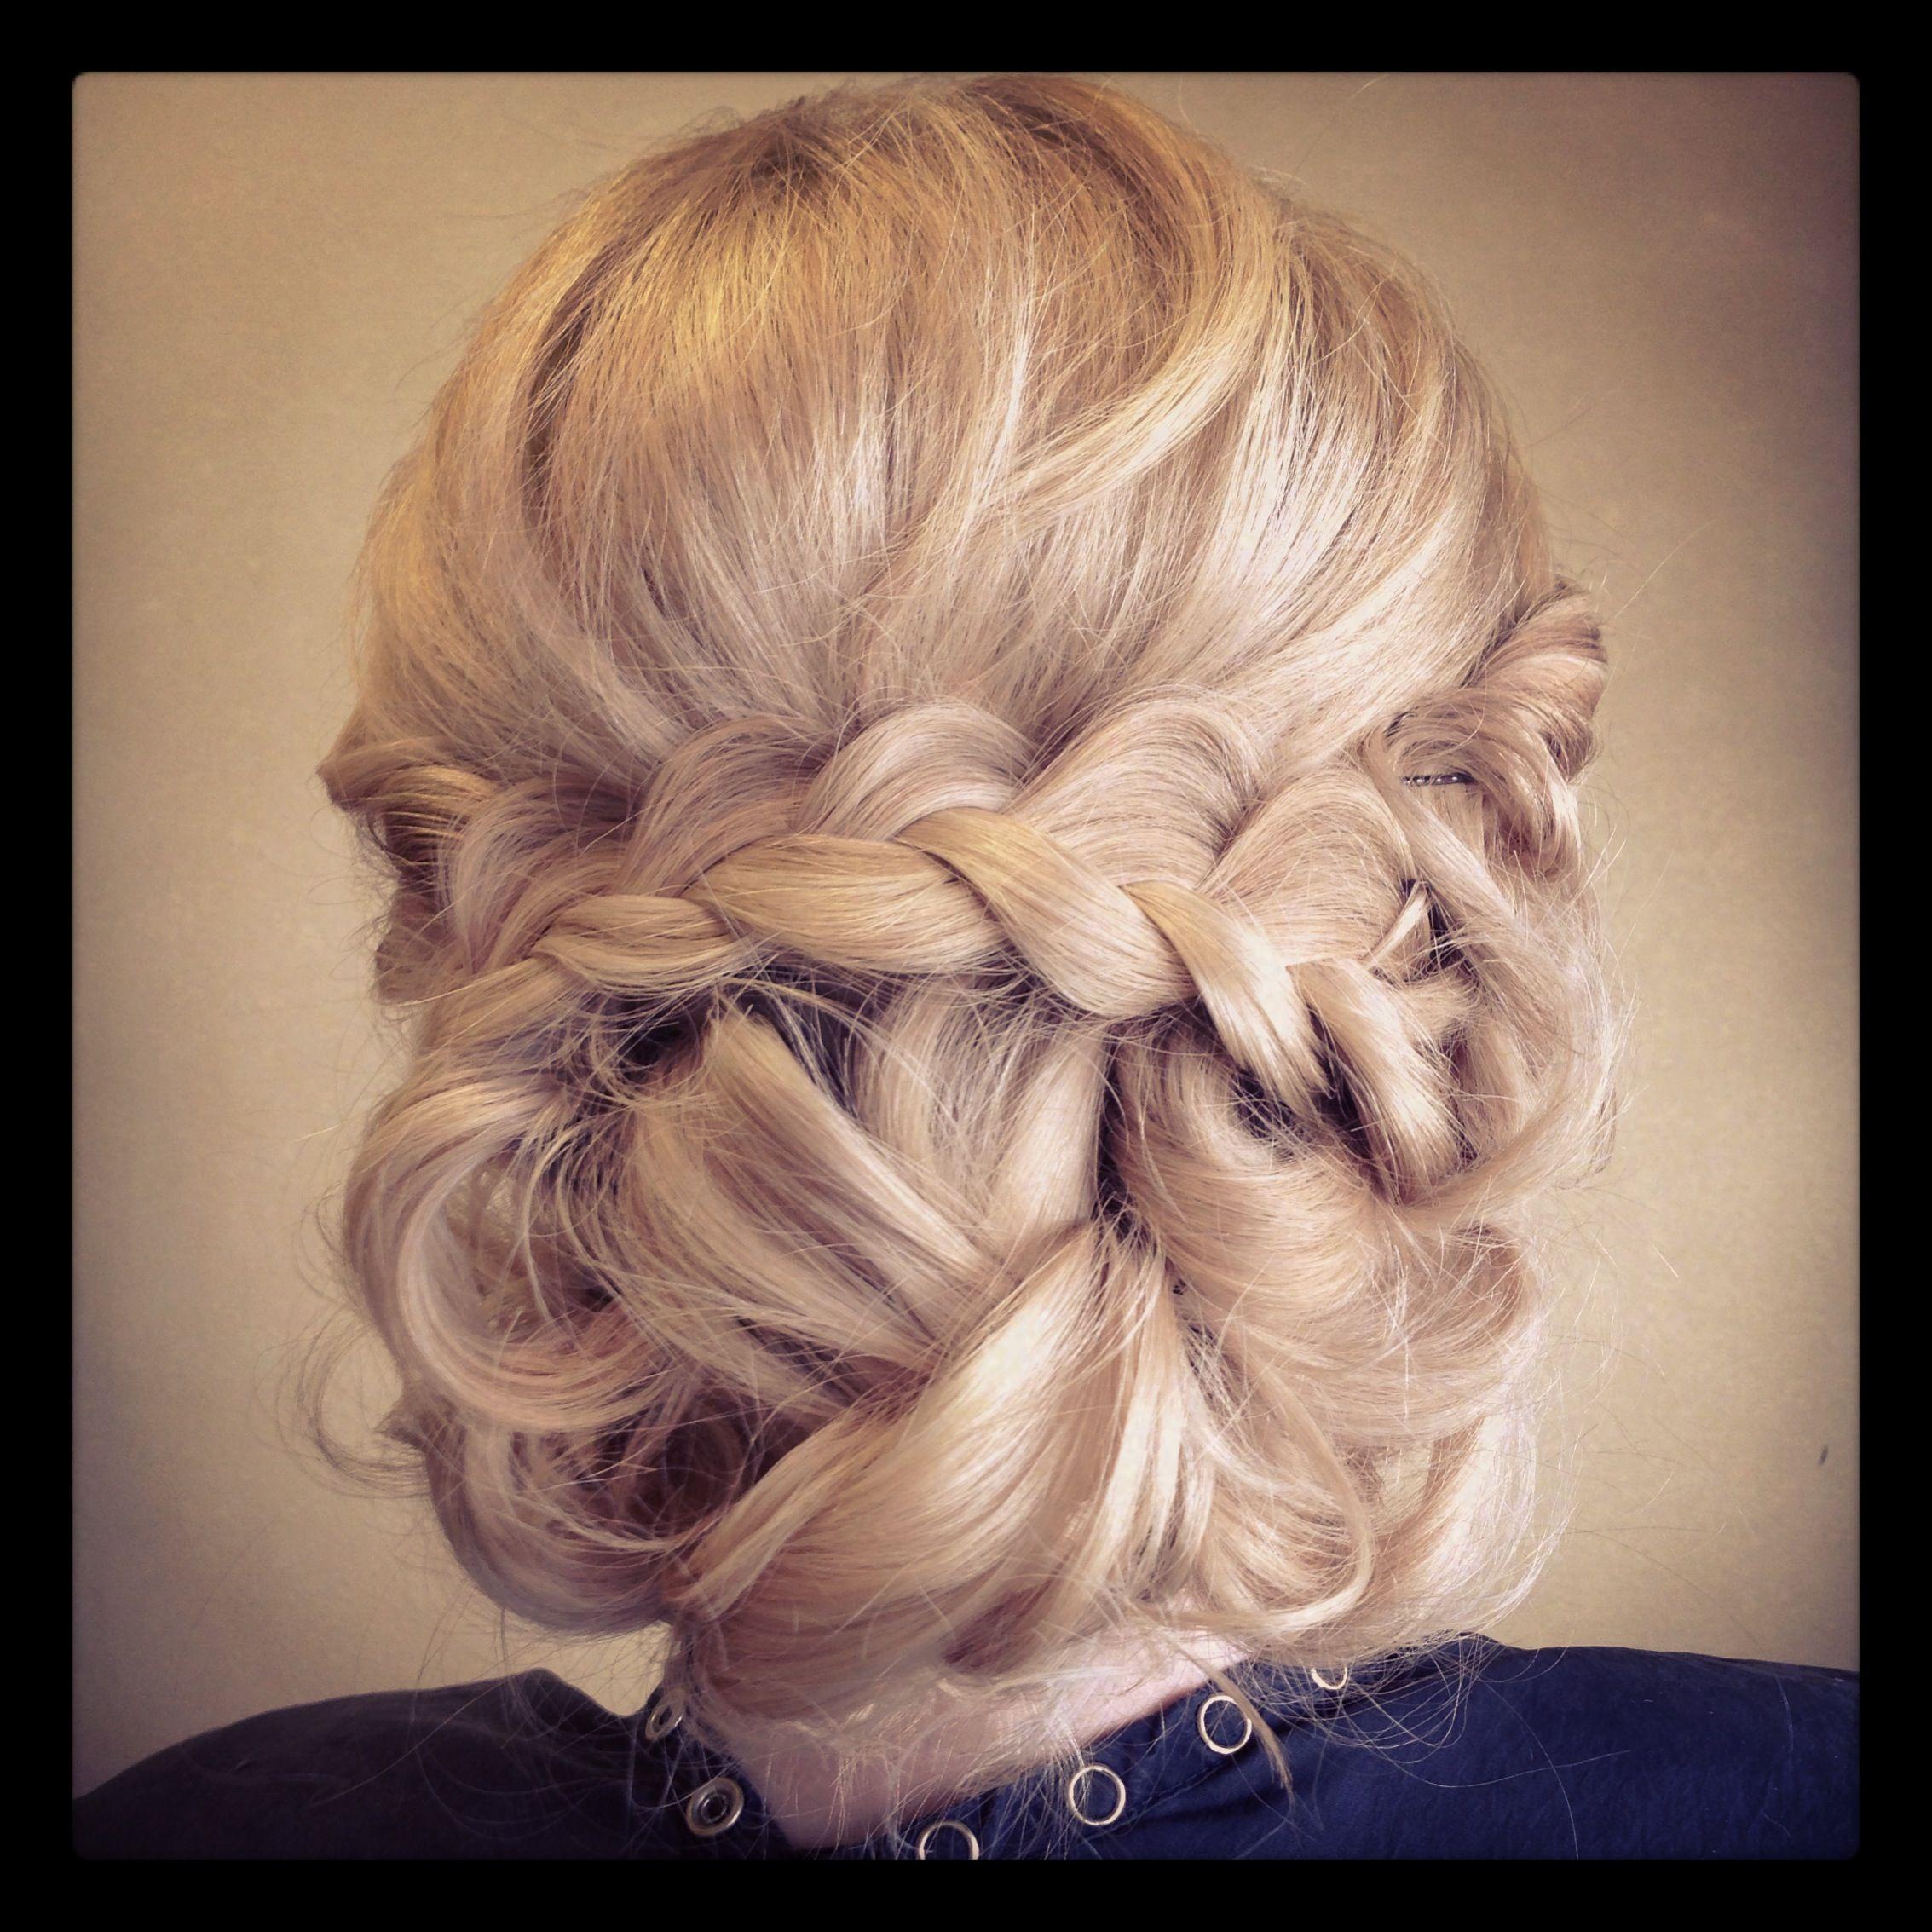 Crown Braid Wedding Hairstyles: Braided Hairstyles